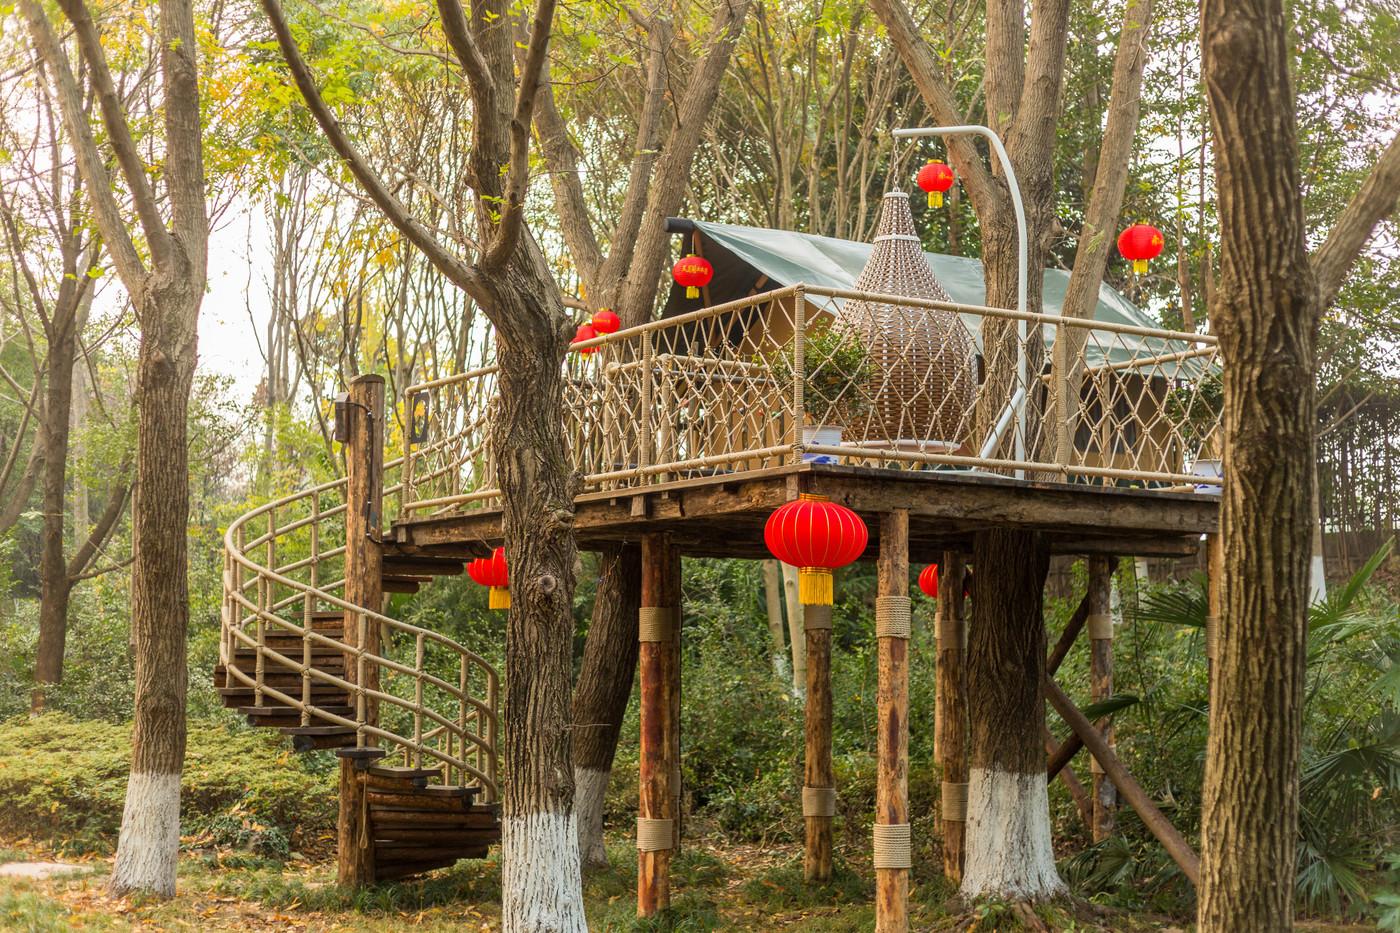 喜马拉雅野奢帐篷酒店—江苏常州天目湖树屋帐篷酒店6